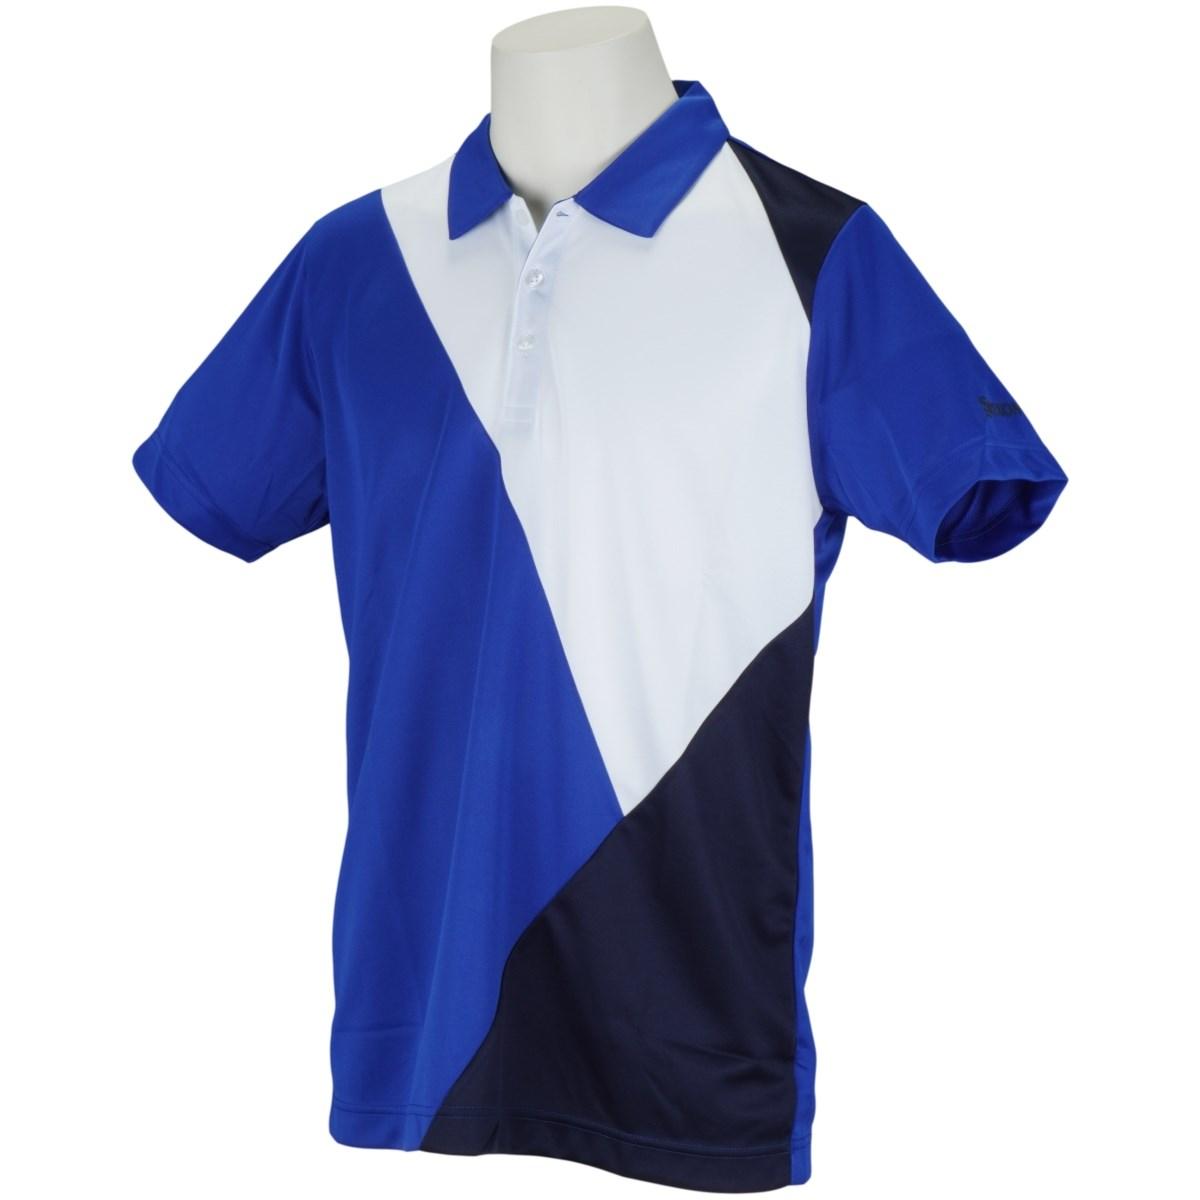 スリクソンゴルフ SRIXON バイアス切り替えトリコカラー半袖ポロシャツ L ブルー 00